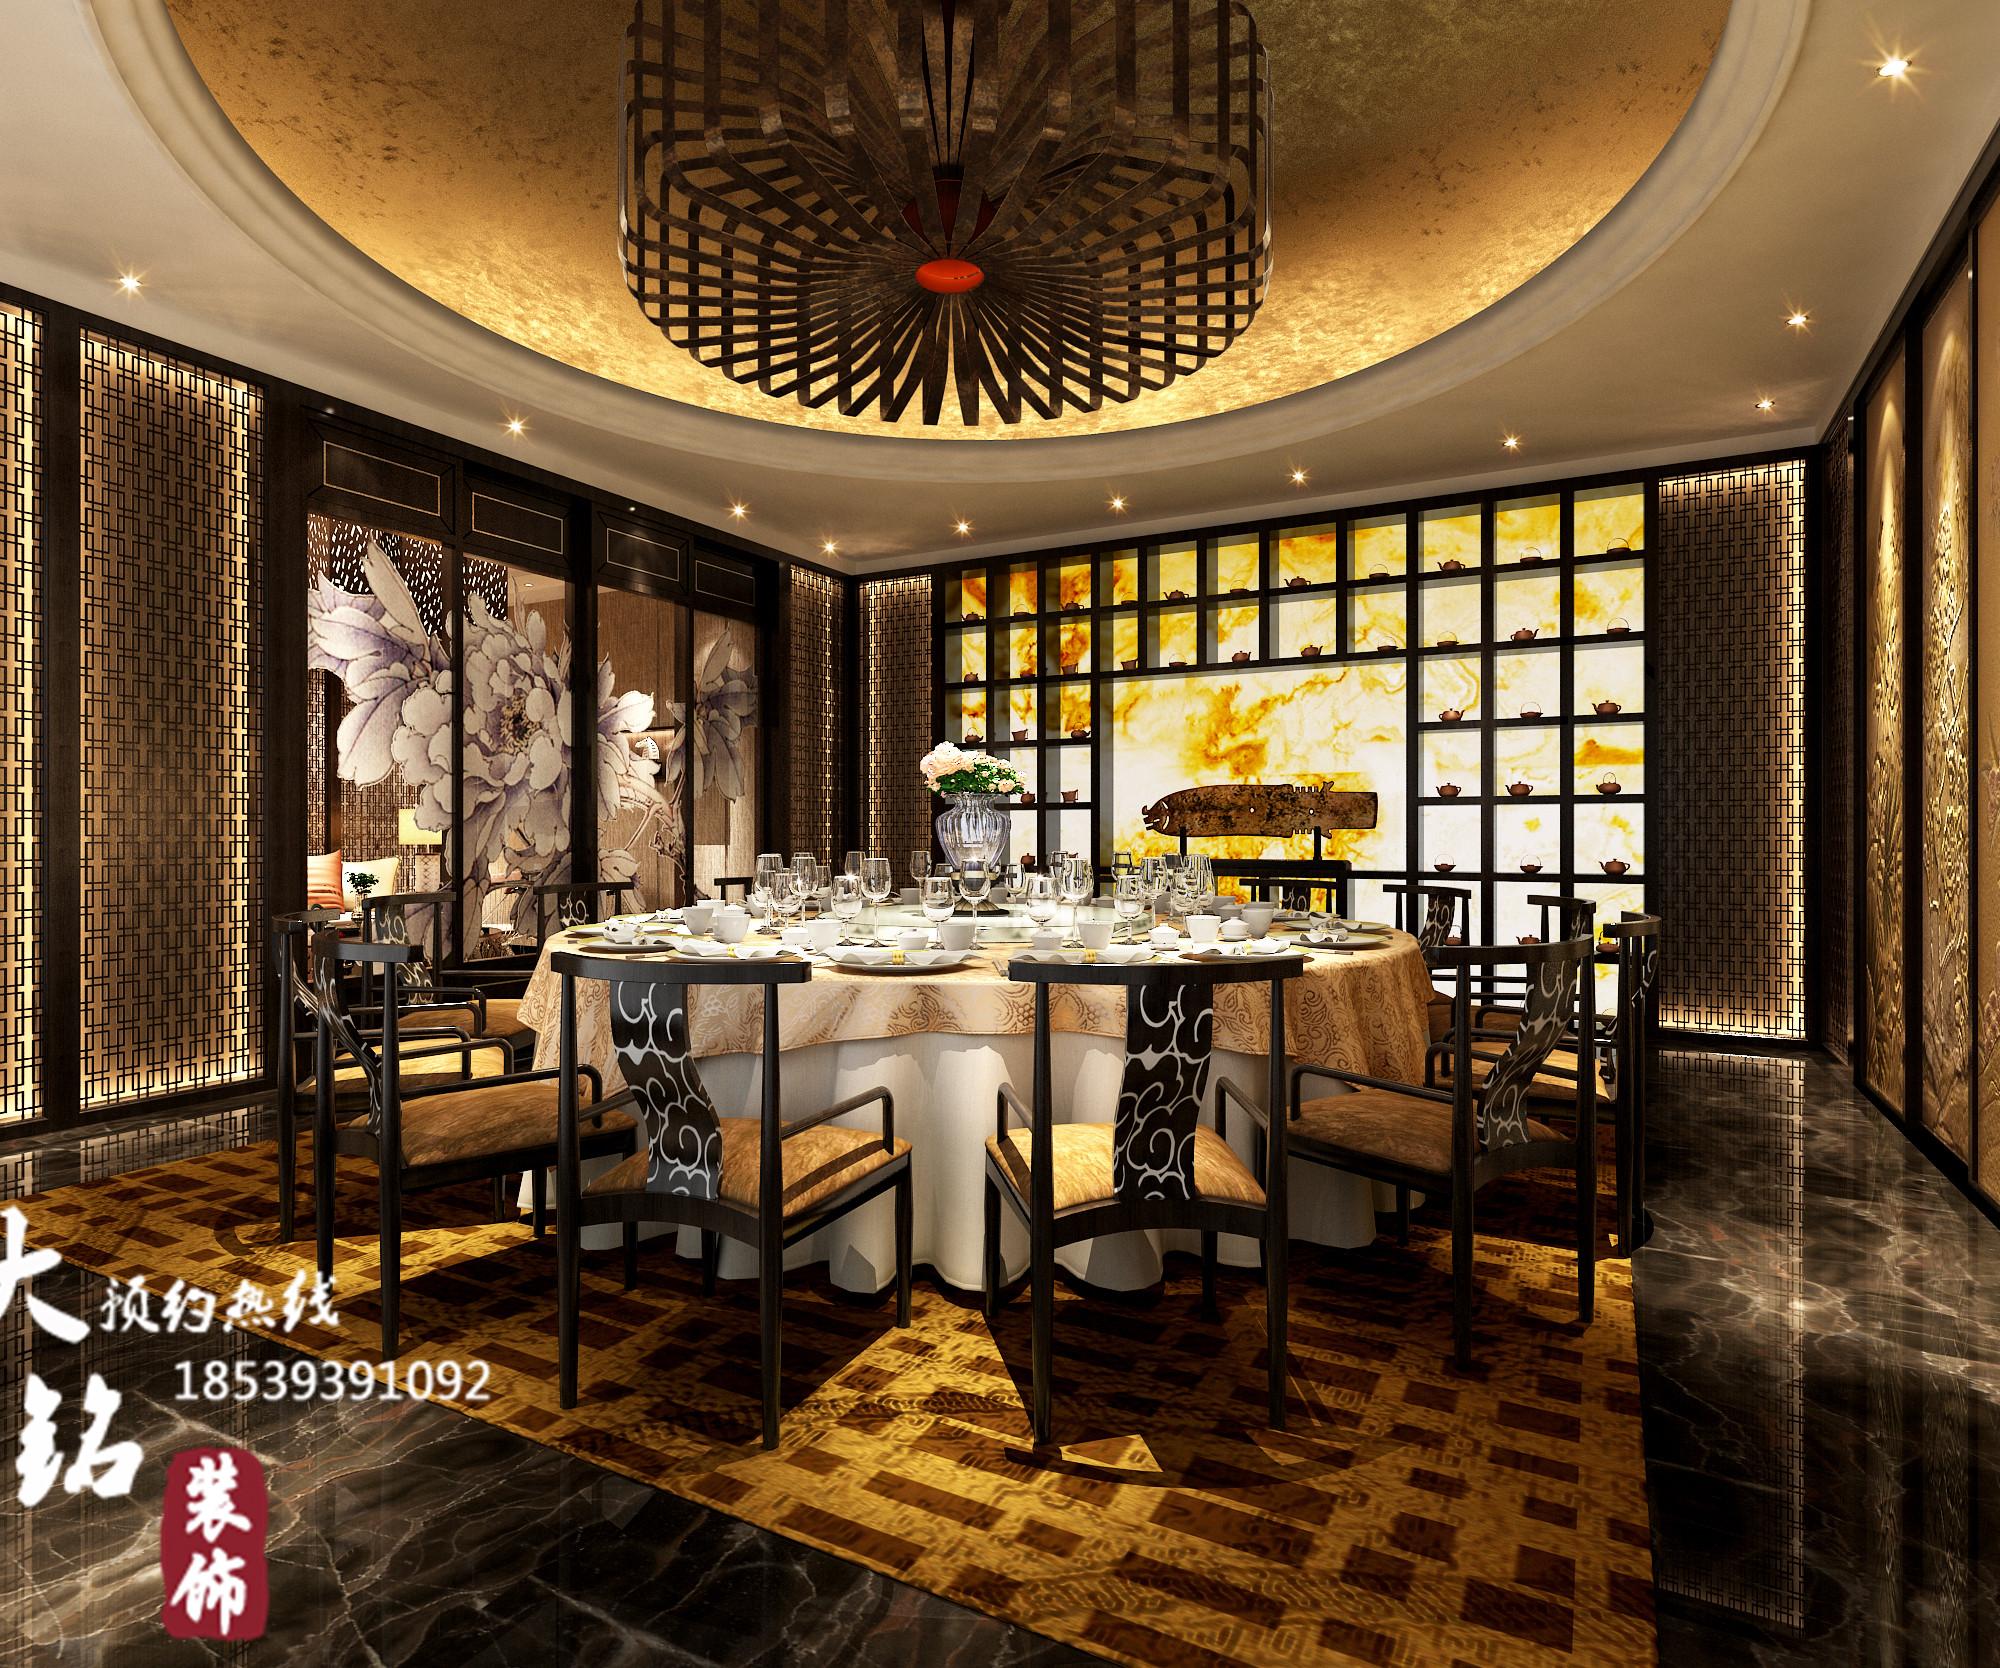 酒店餐厅设计 酒店装饰设计